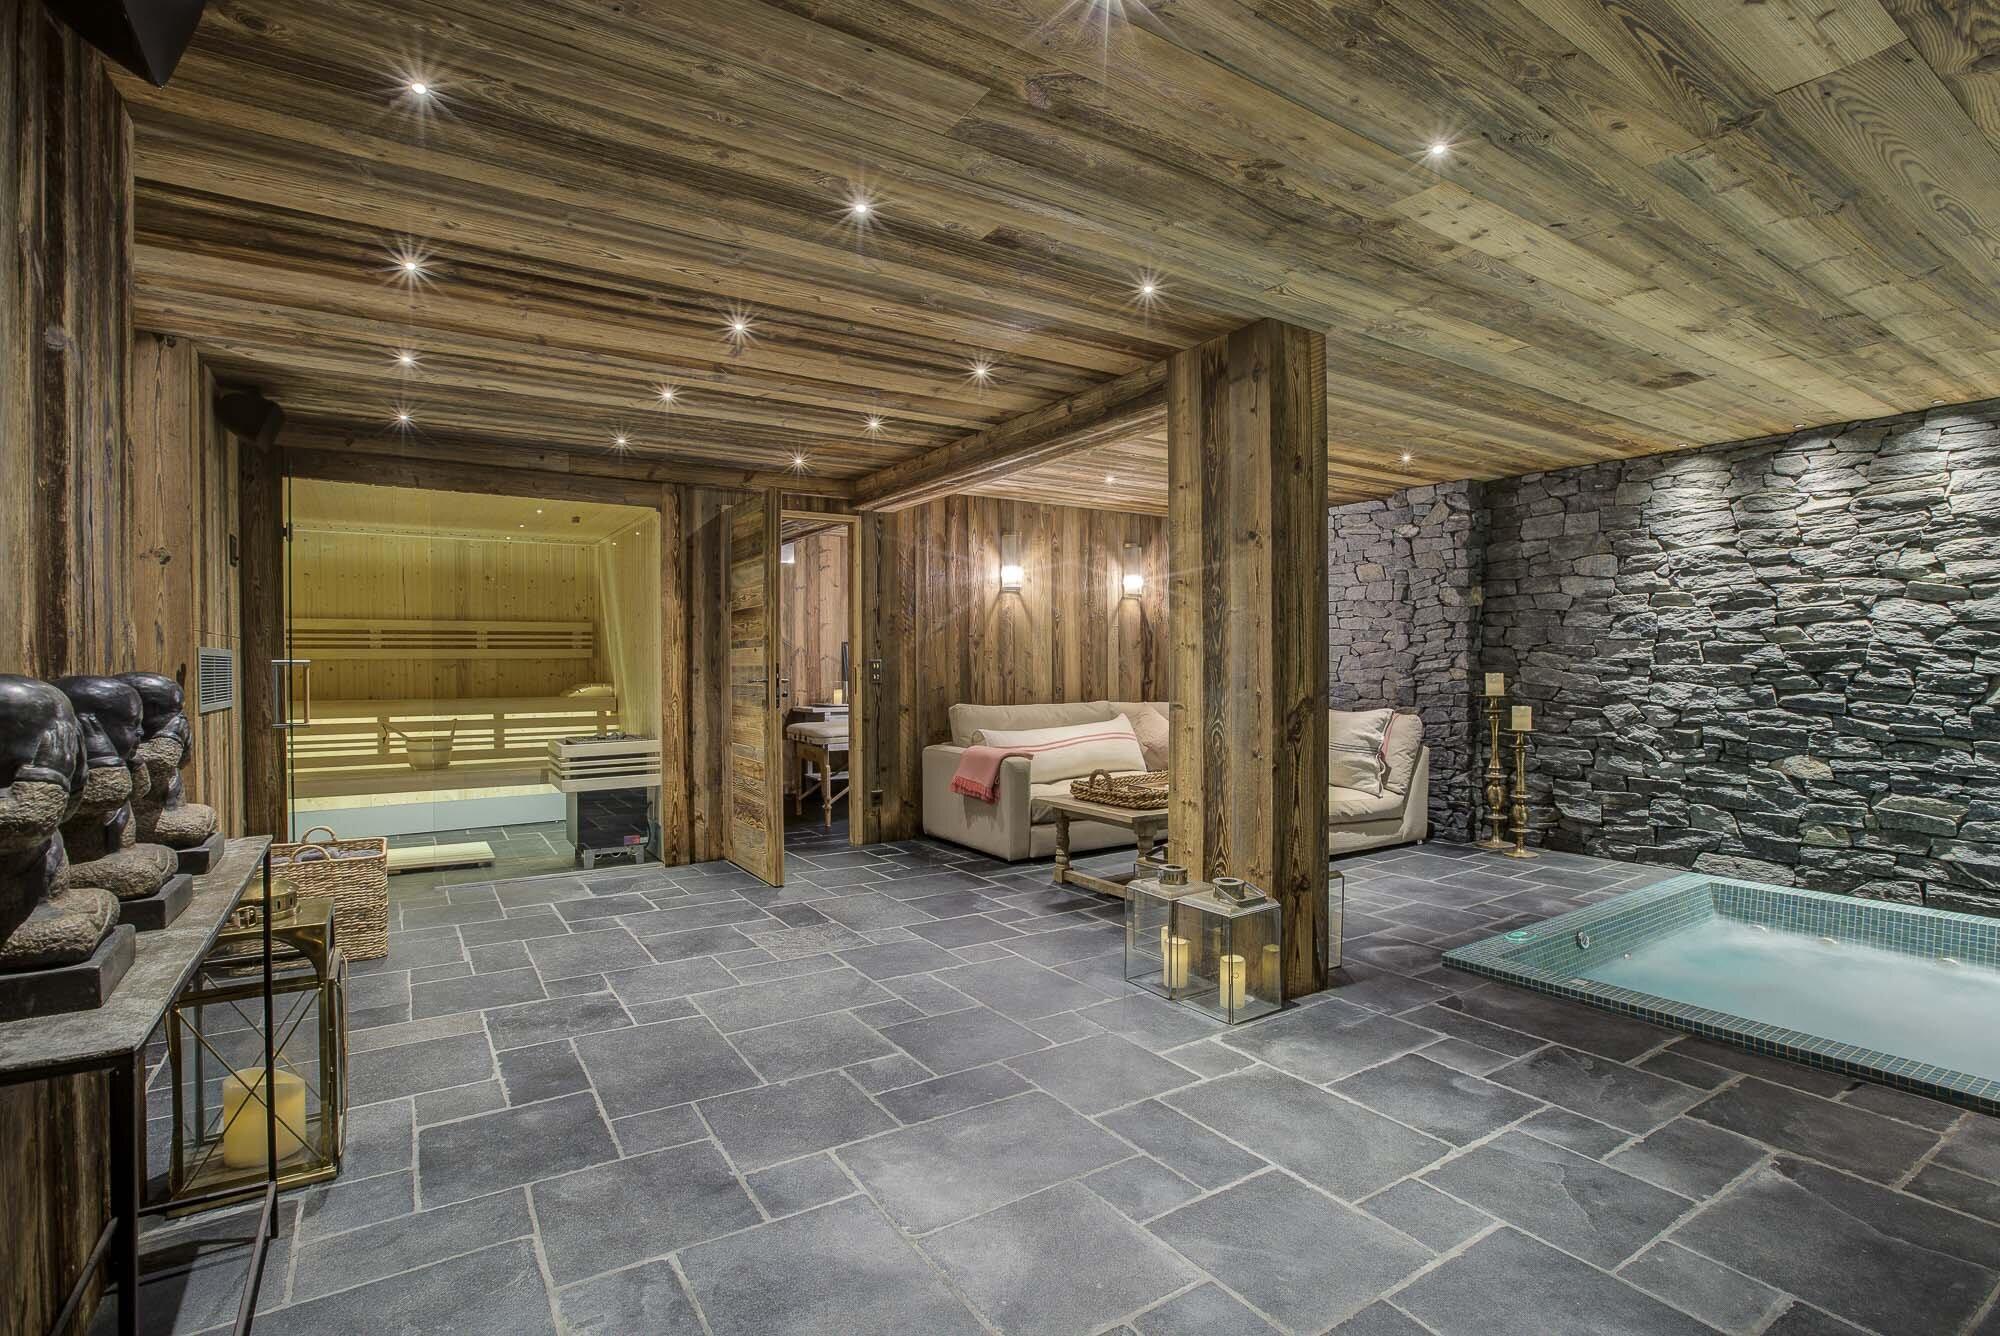 tg-ski-luxury-chalet-lightbowne-meribel-hot-tub-014-2